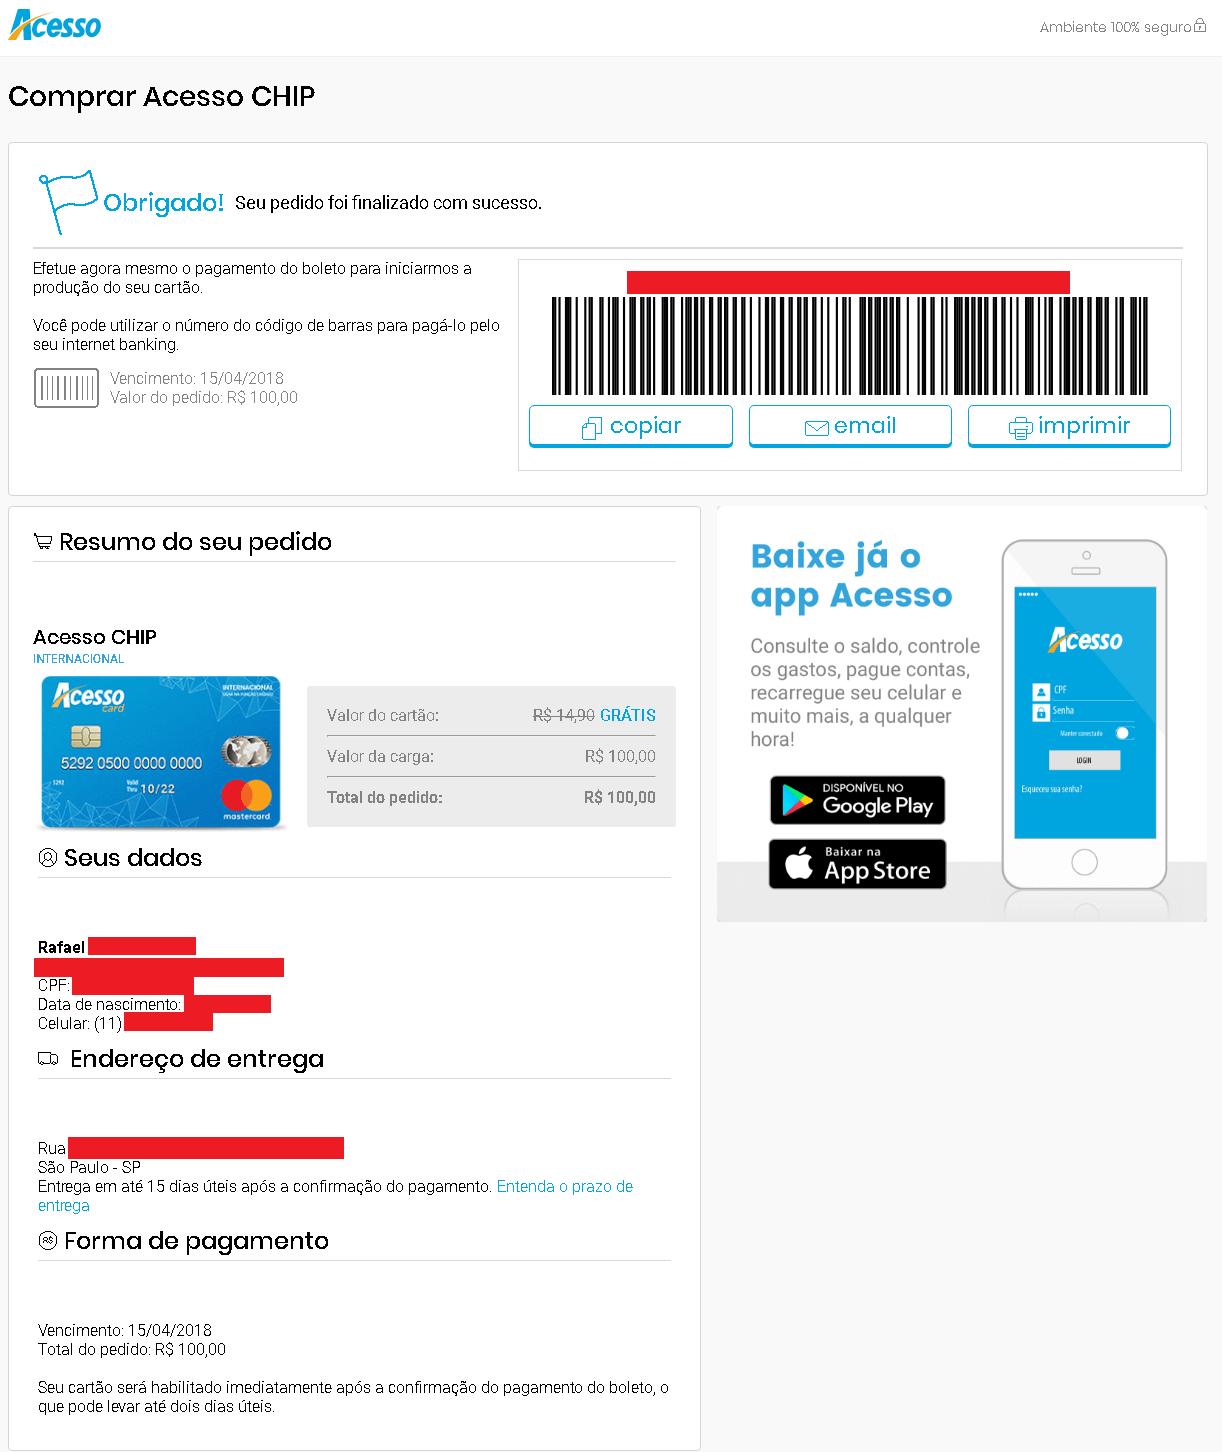 Cartão Acesso Chip emitir boleto